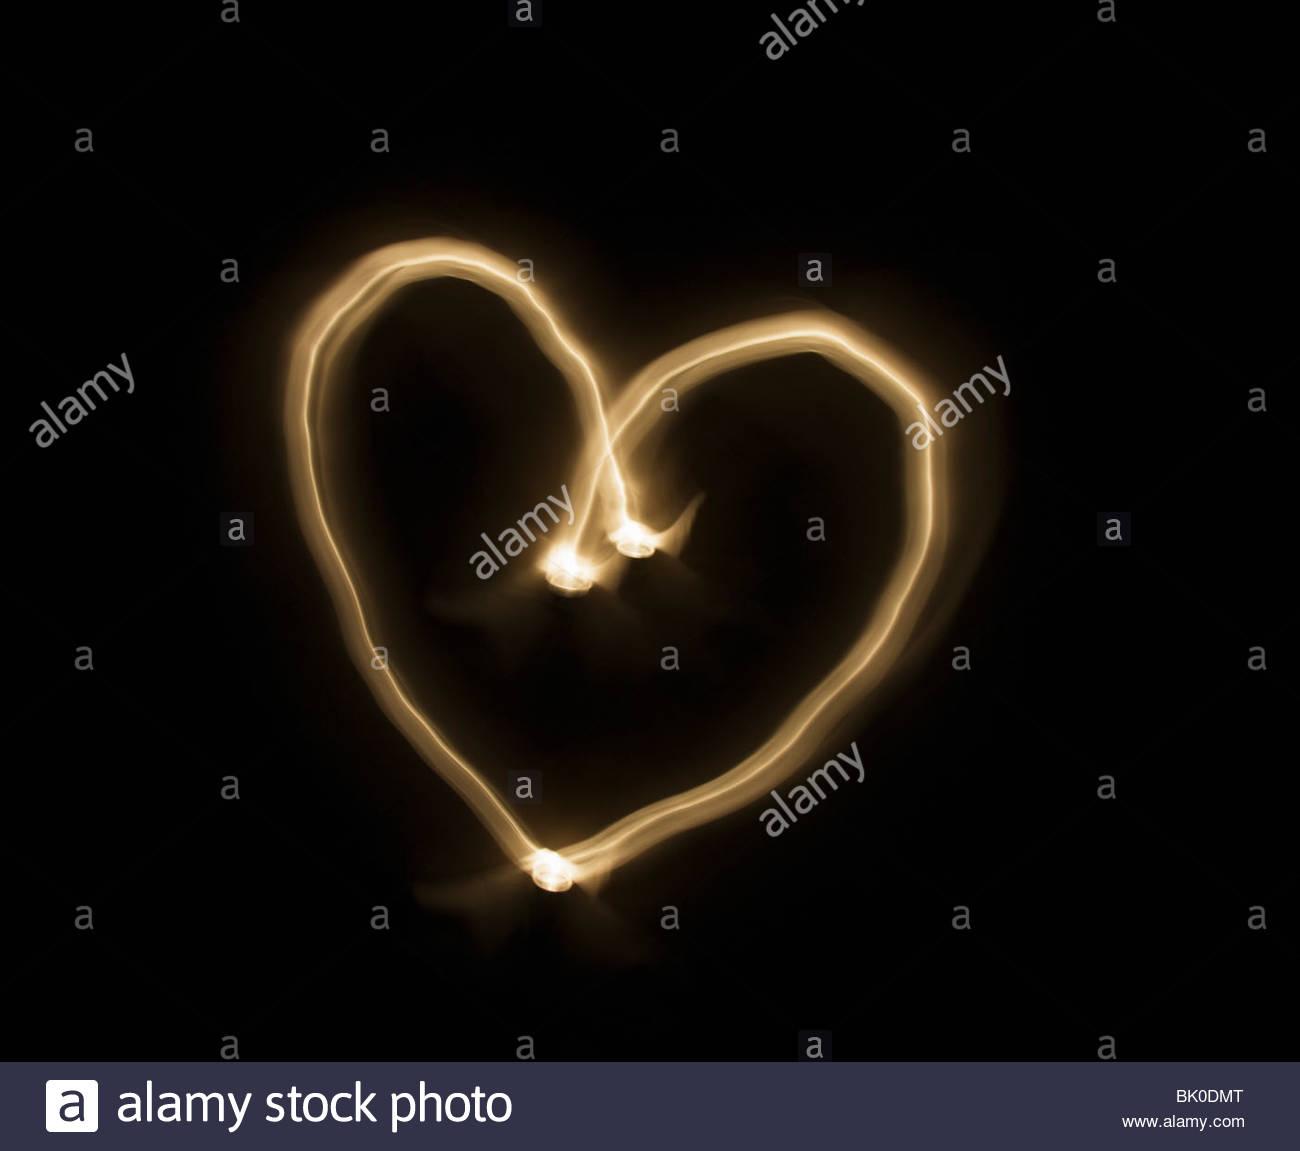 Helle Streifen bilden ein Herz der Liebe Stockfoto